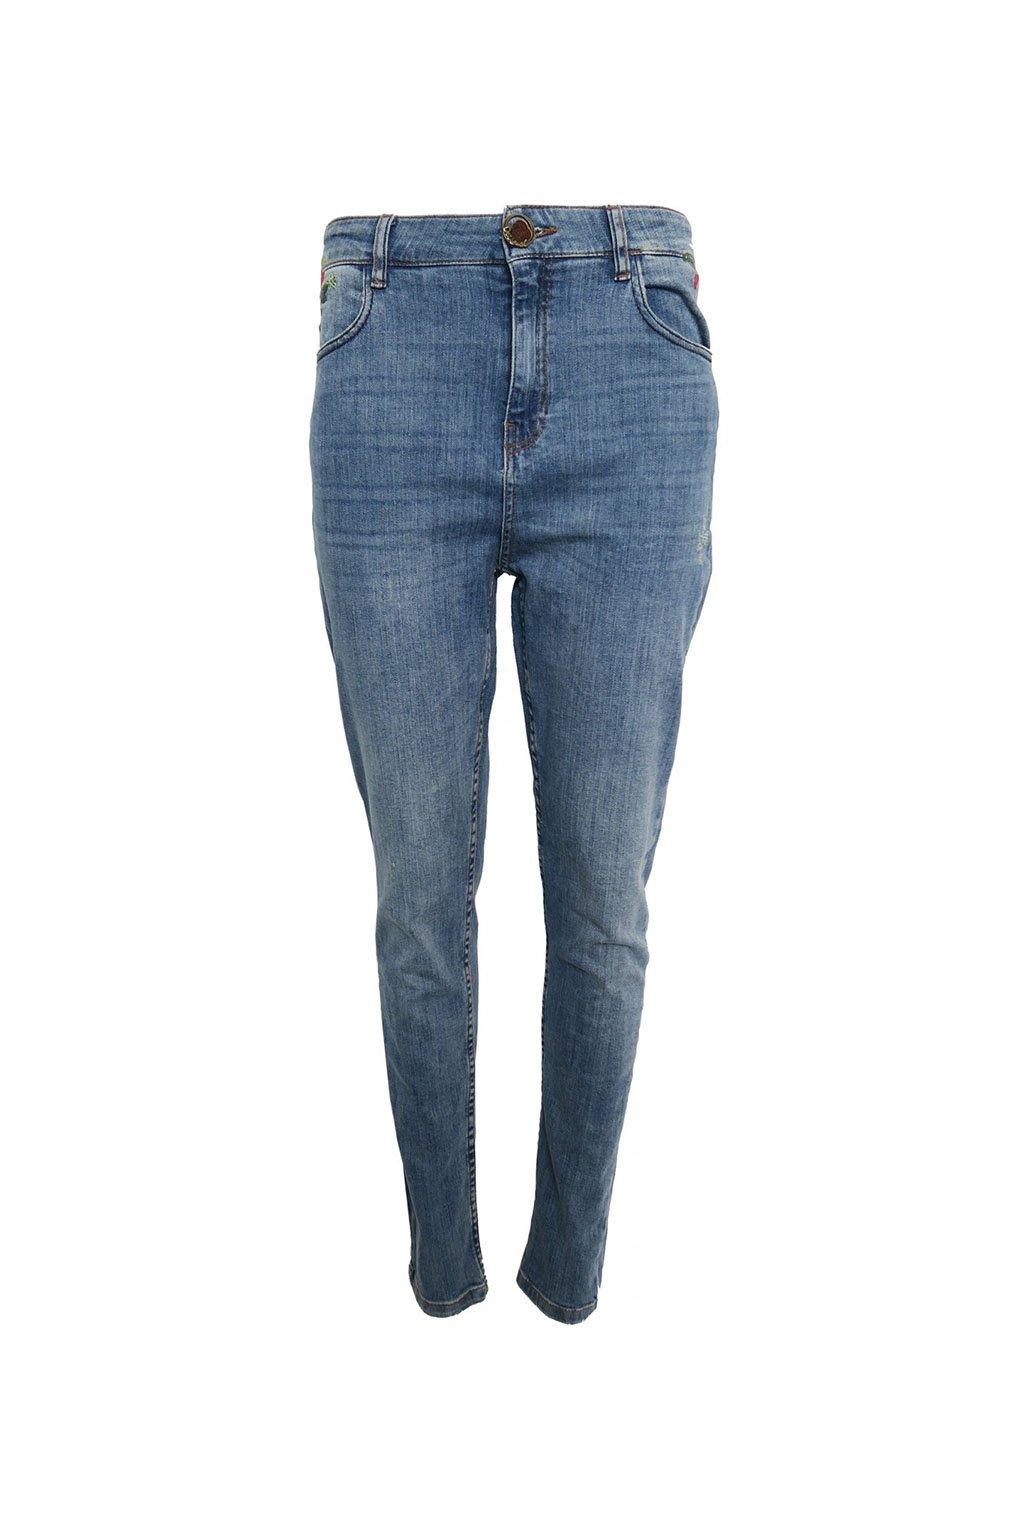 Desigual džíny s barevnými výšivkami